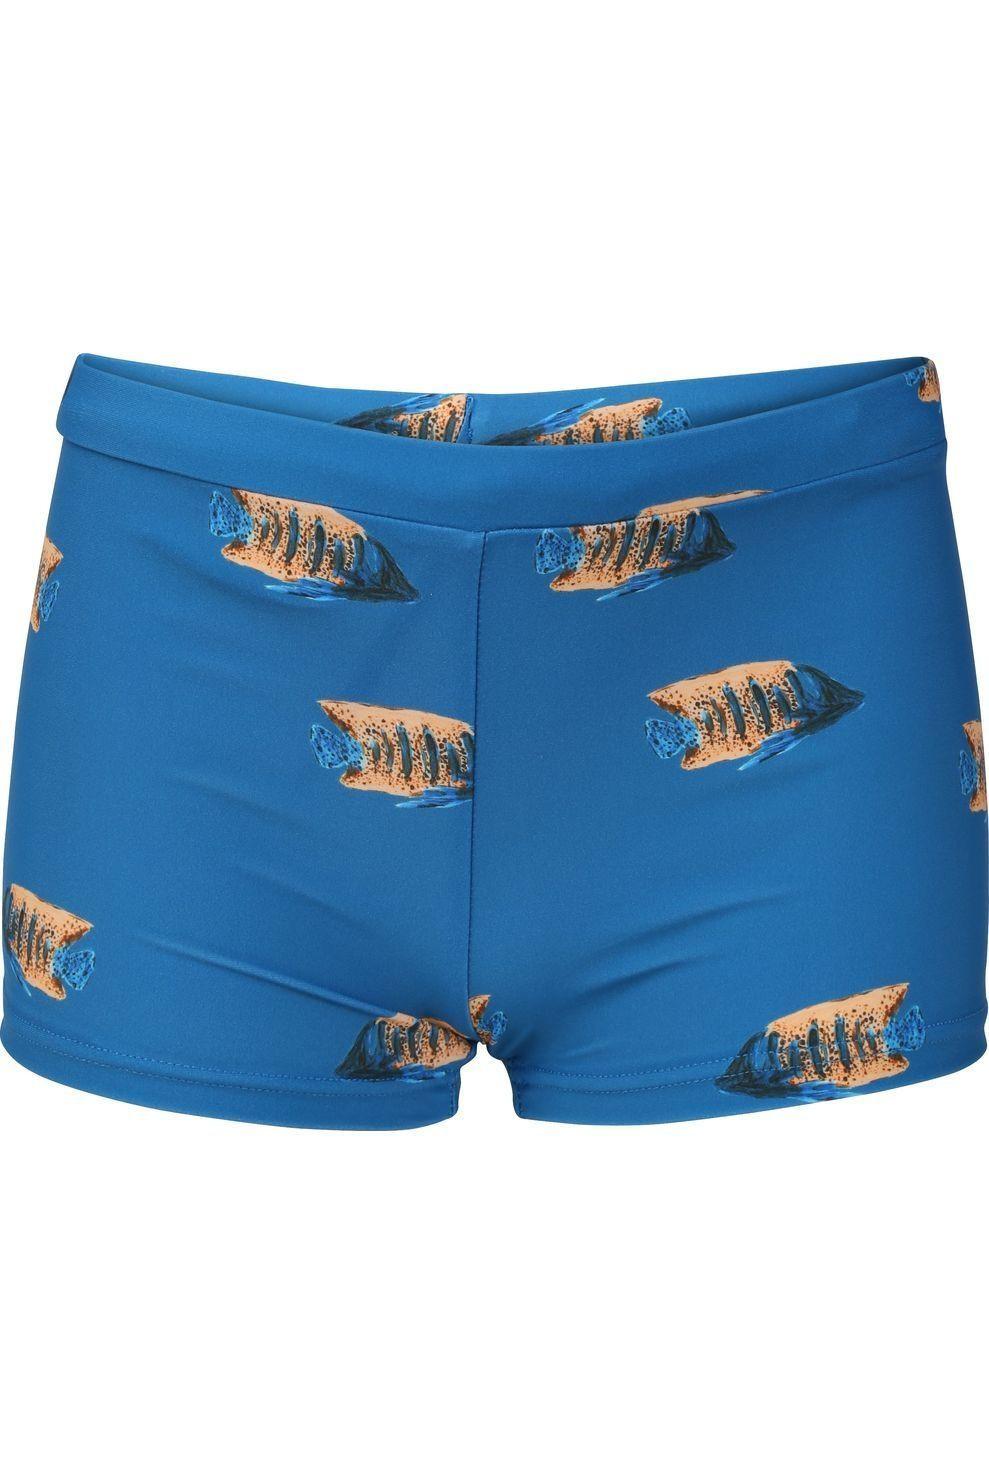 Shiwi Slip Moonfish voor jongens - Blauw/ Gemengd - Maten: 116, 128, 140, 152, 164